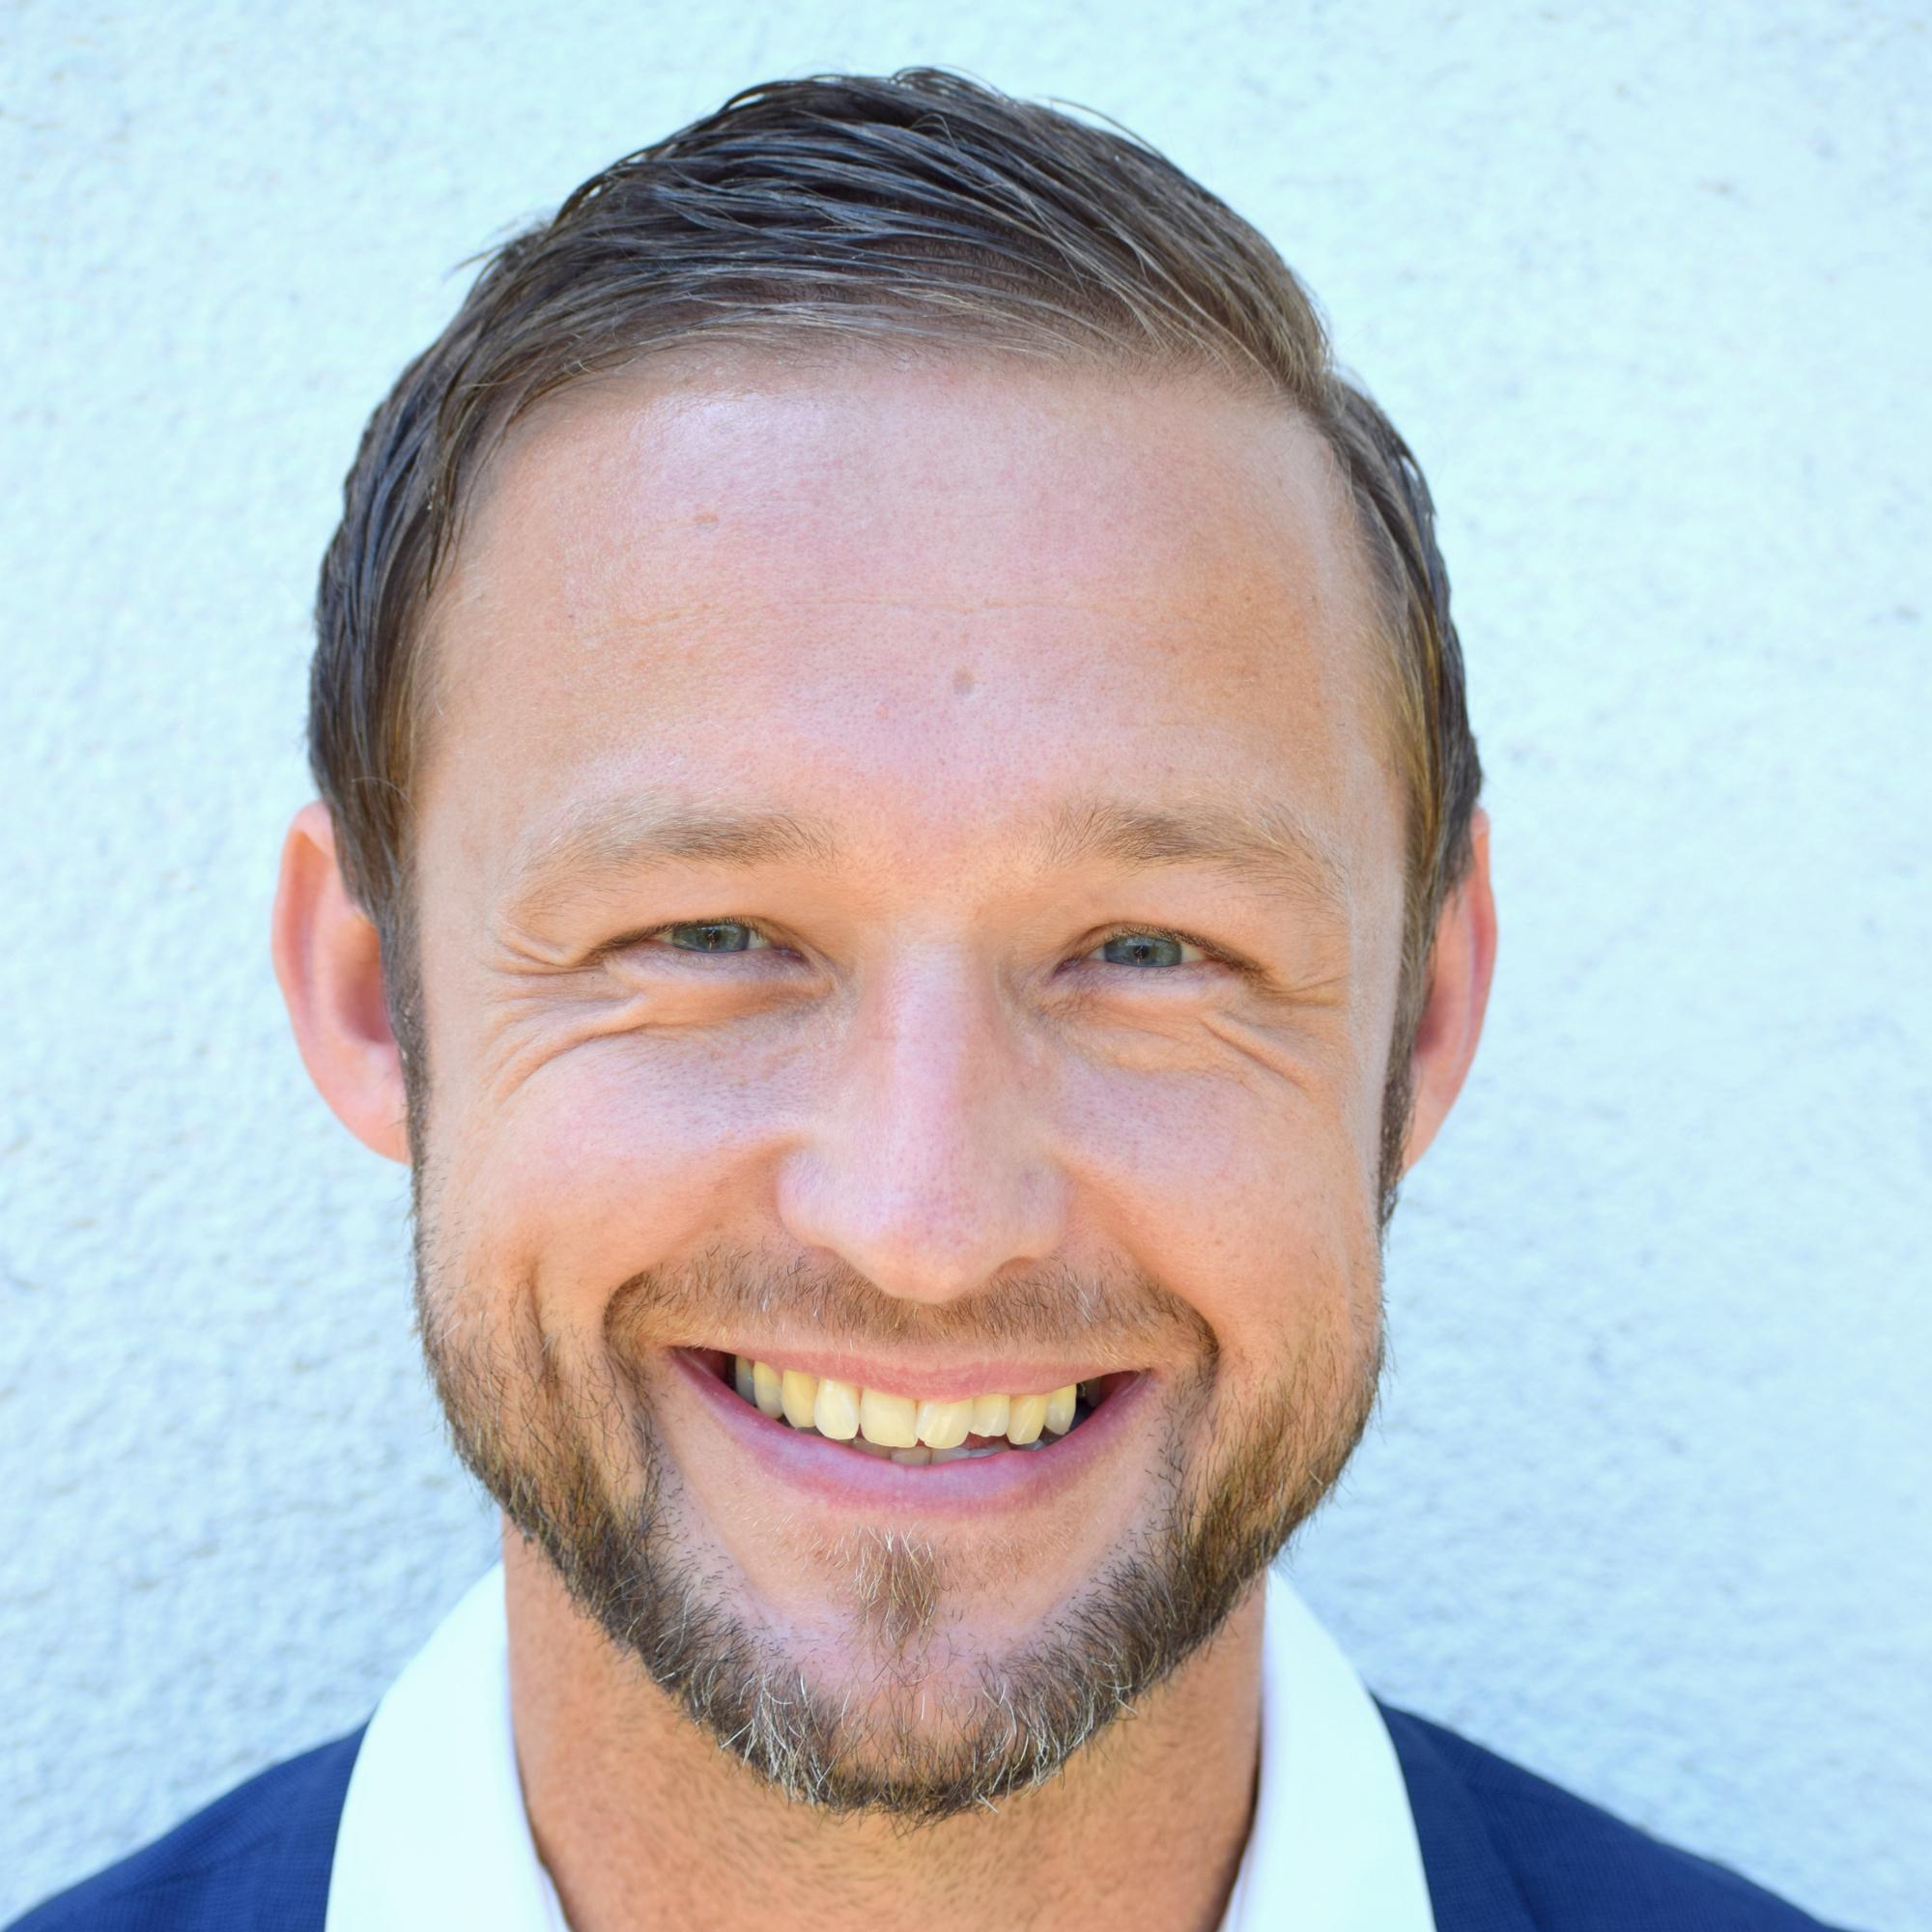 Markus-Haugeneder-Kroneisl